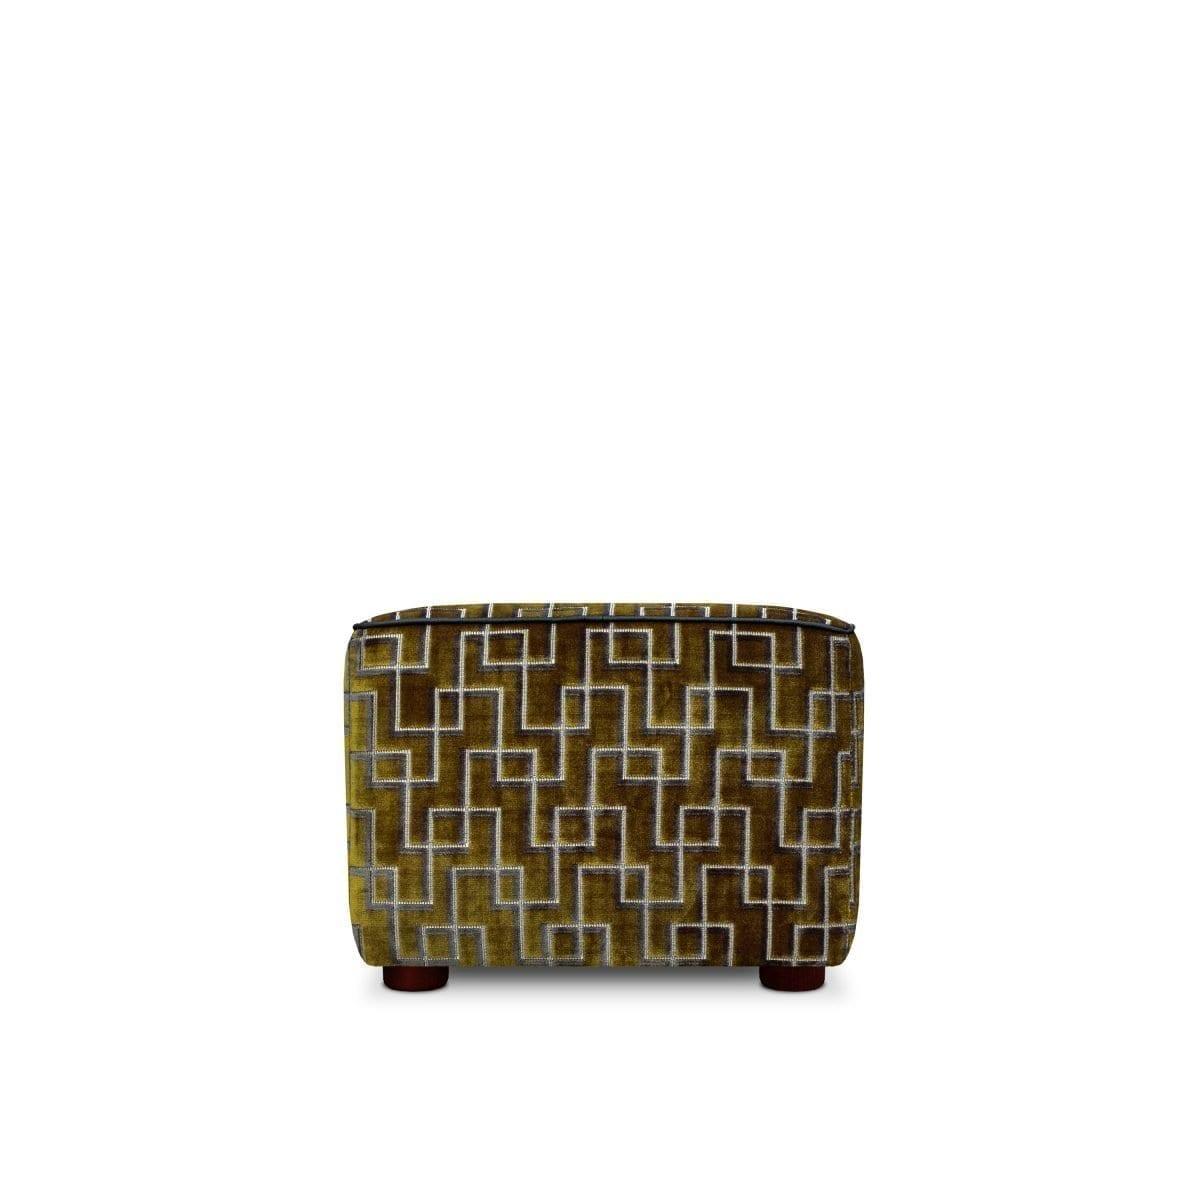 De geometrische pouf Rooker in de stof Jeanneret moss van Designers Guild